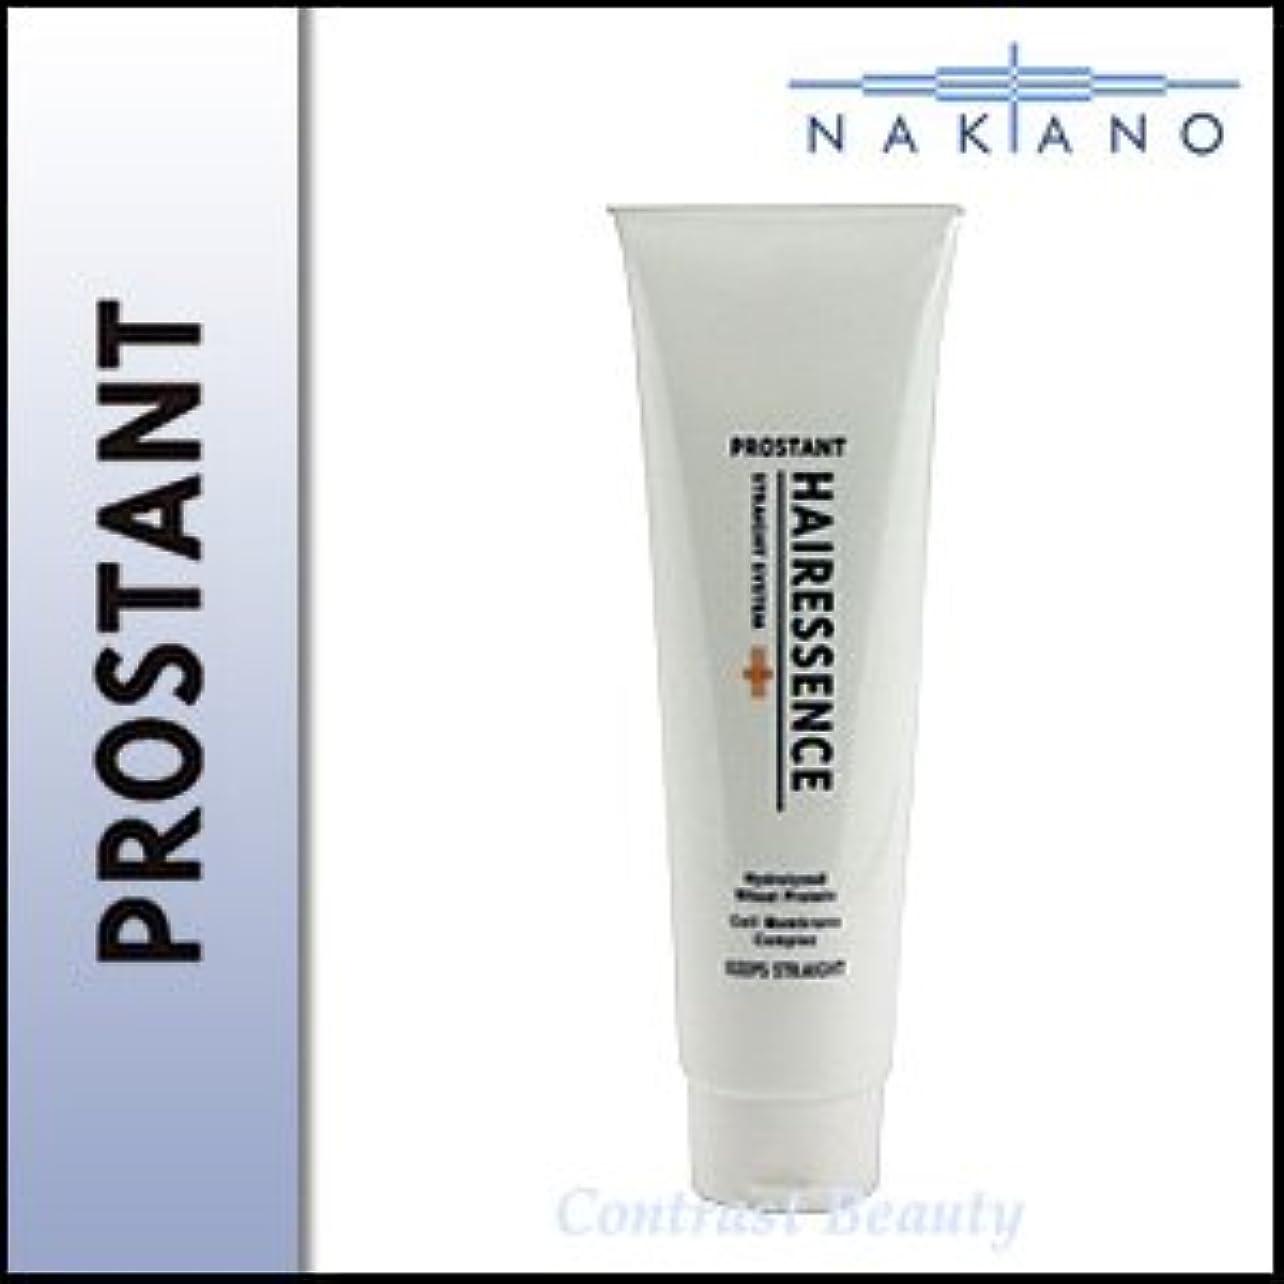 無許可非効率的なインゲンナカノ プロスタント ヘアエッセンス 250g エッセンス(洗い流さないヘアトリートメント)